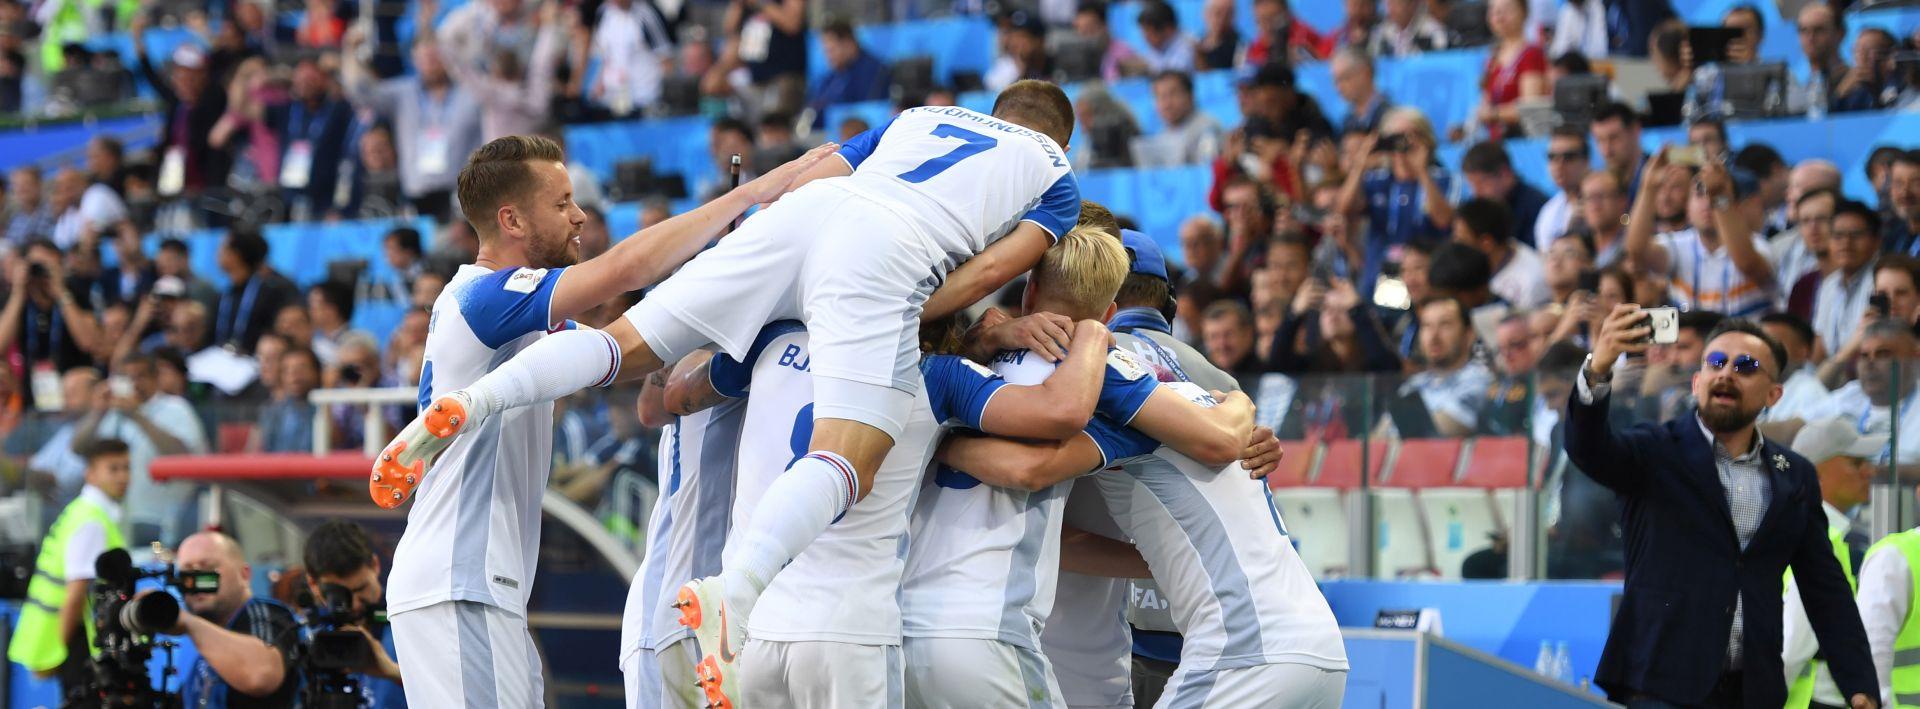 ISLAND: Mala zemlja s velikim nogometnim herojima